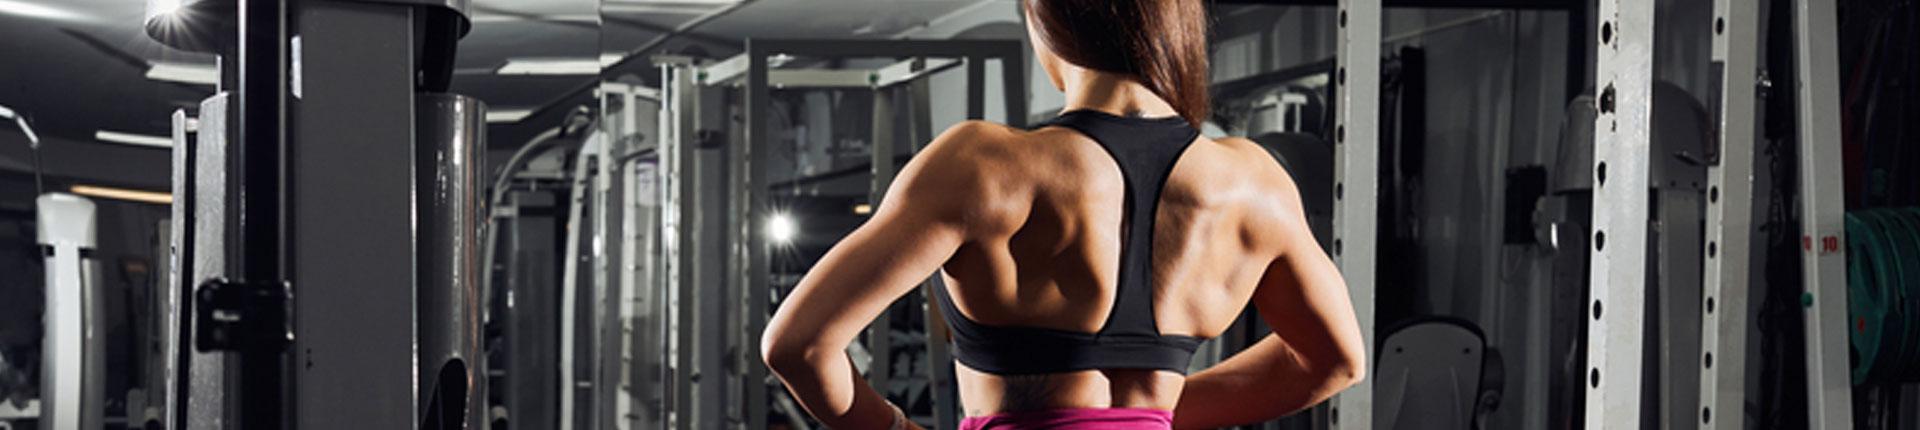 Odchudzanie i spalanie tłuszczu - fakty i mity